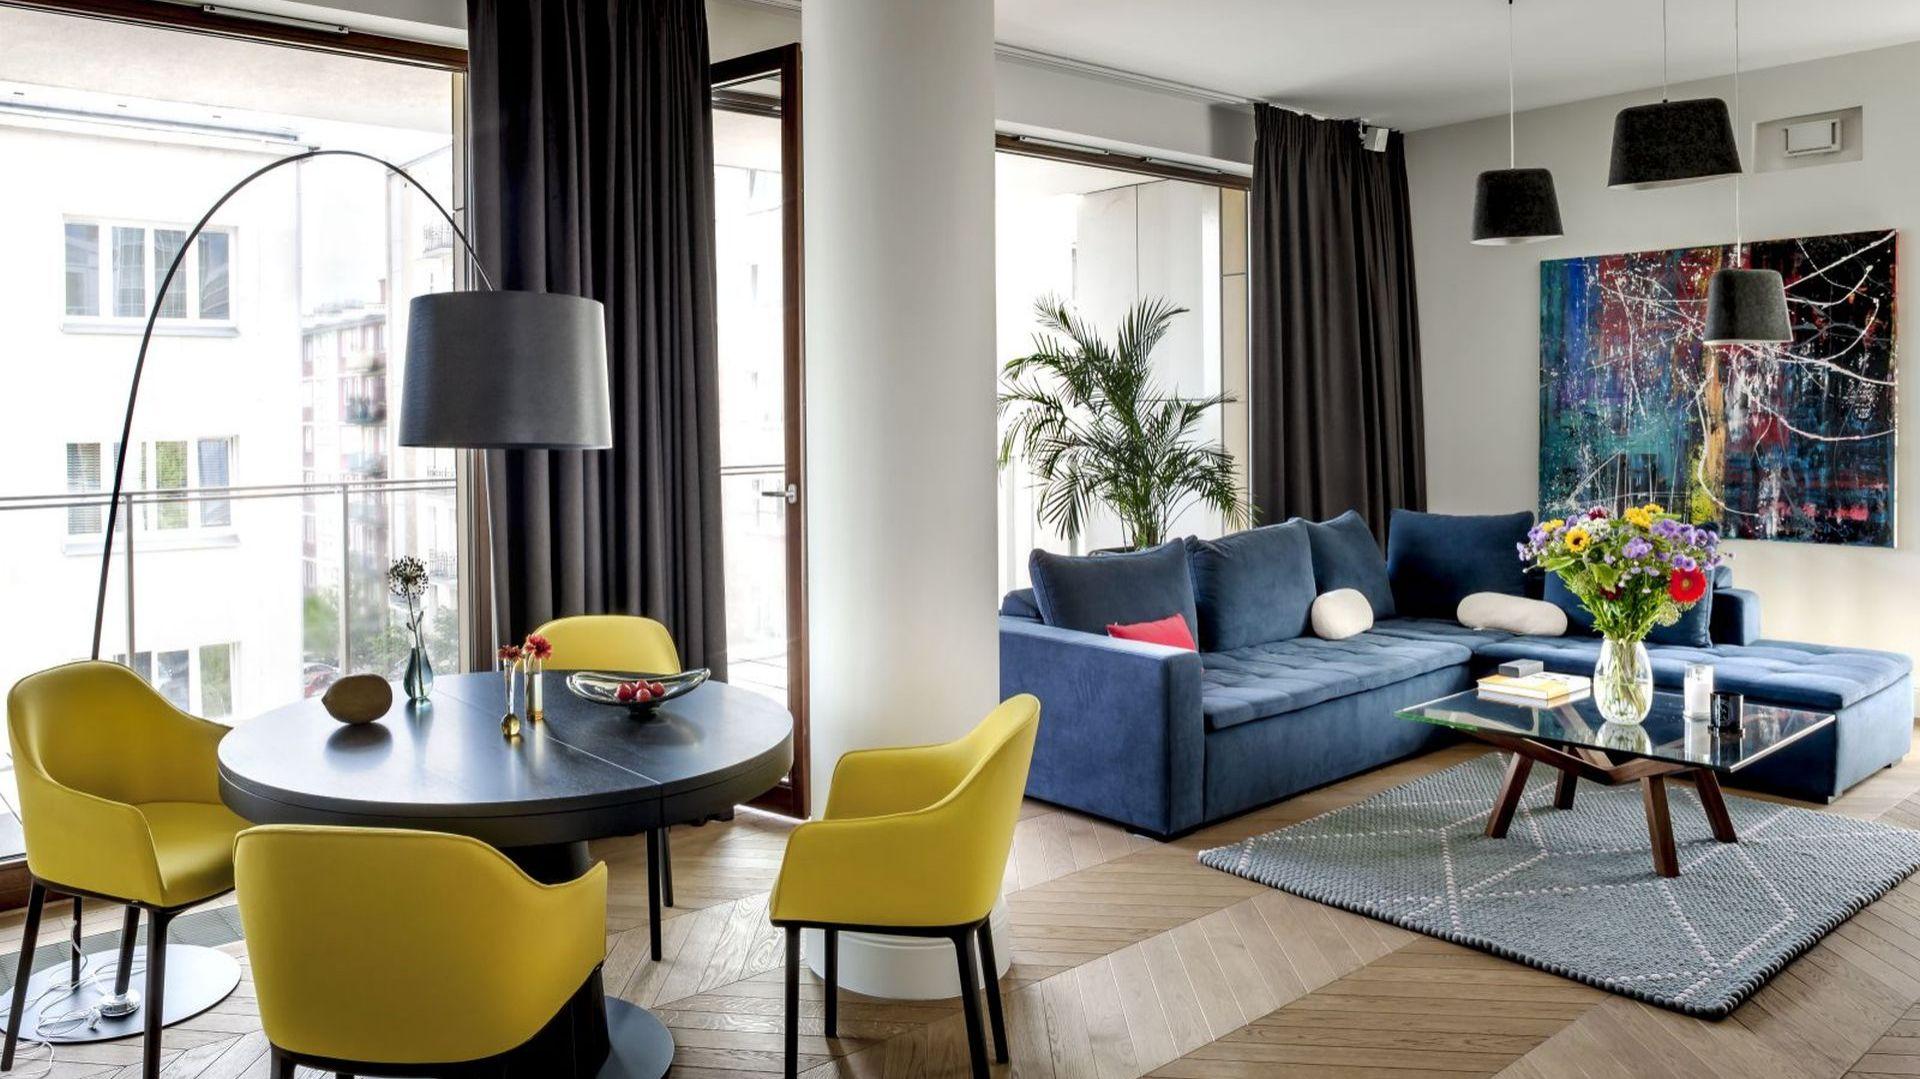 Projektując apartament, architektka czerpała inspiracje ze śródziemnomorskiej estetyki, jednocześnie łamiąc utarte schematy. Projekt: Anna Koszela. Fot. Rafał Lipski